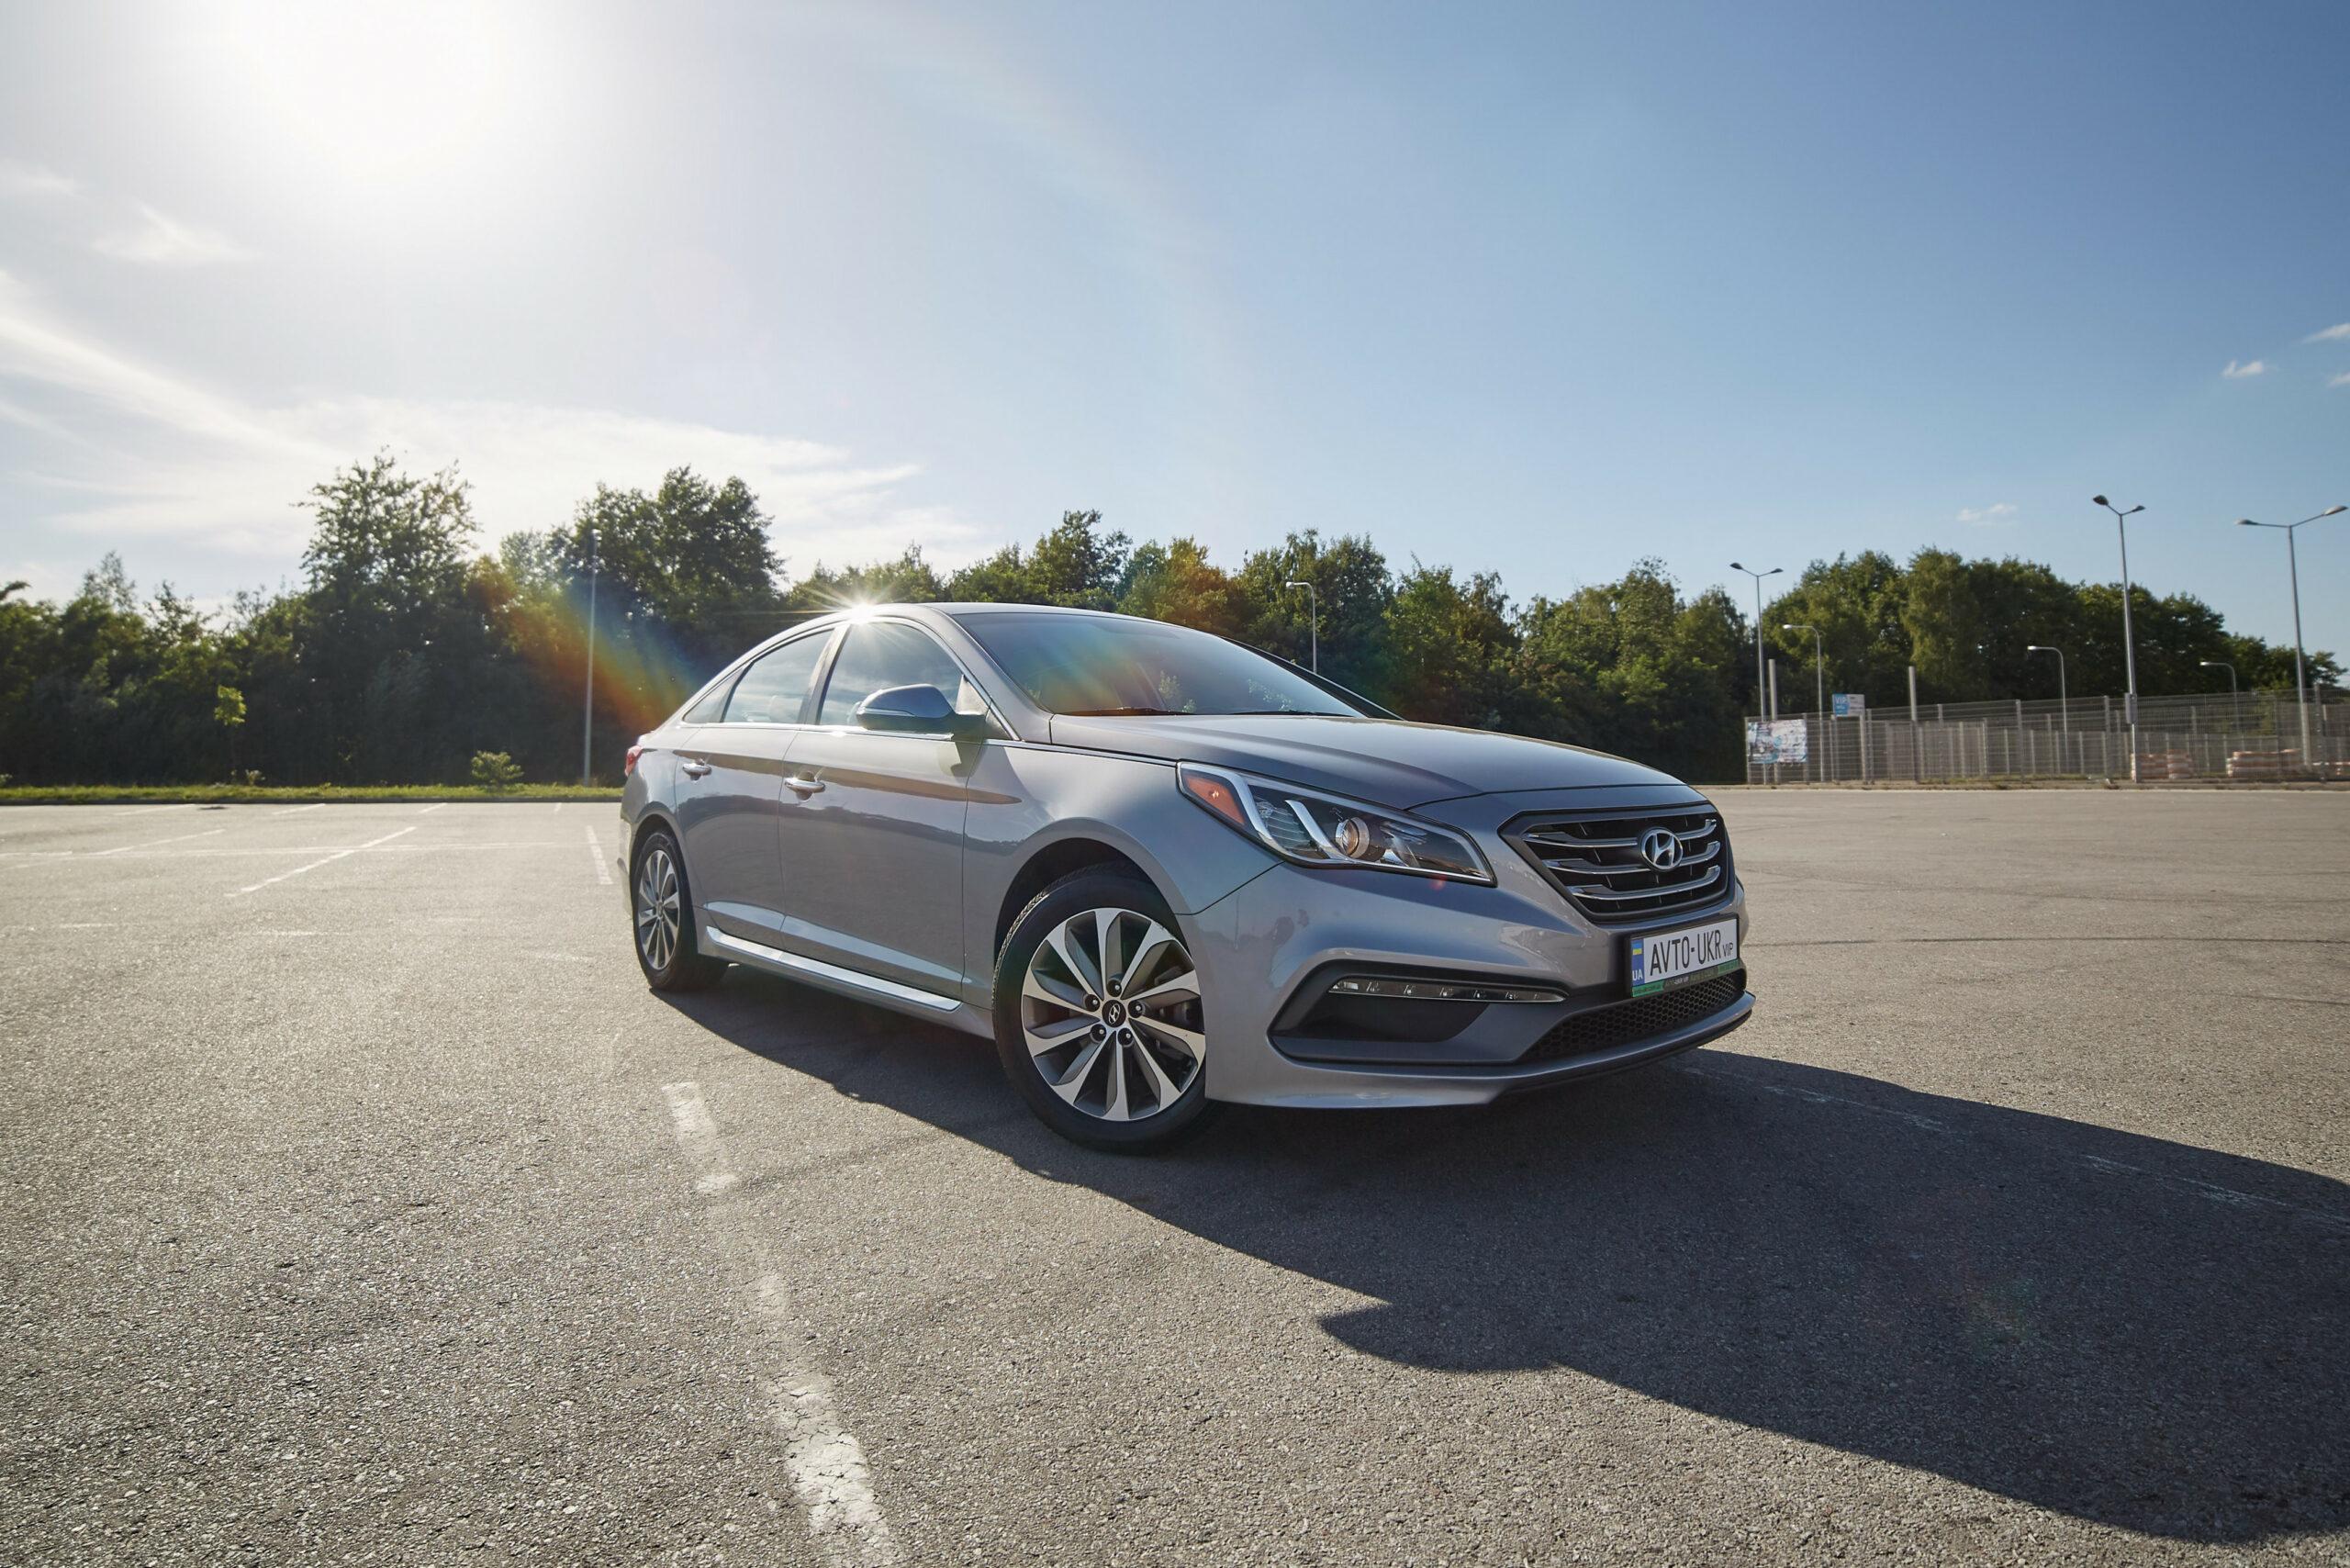 Review 2022 Hyundai Sonata Limited